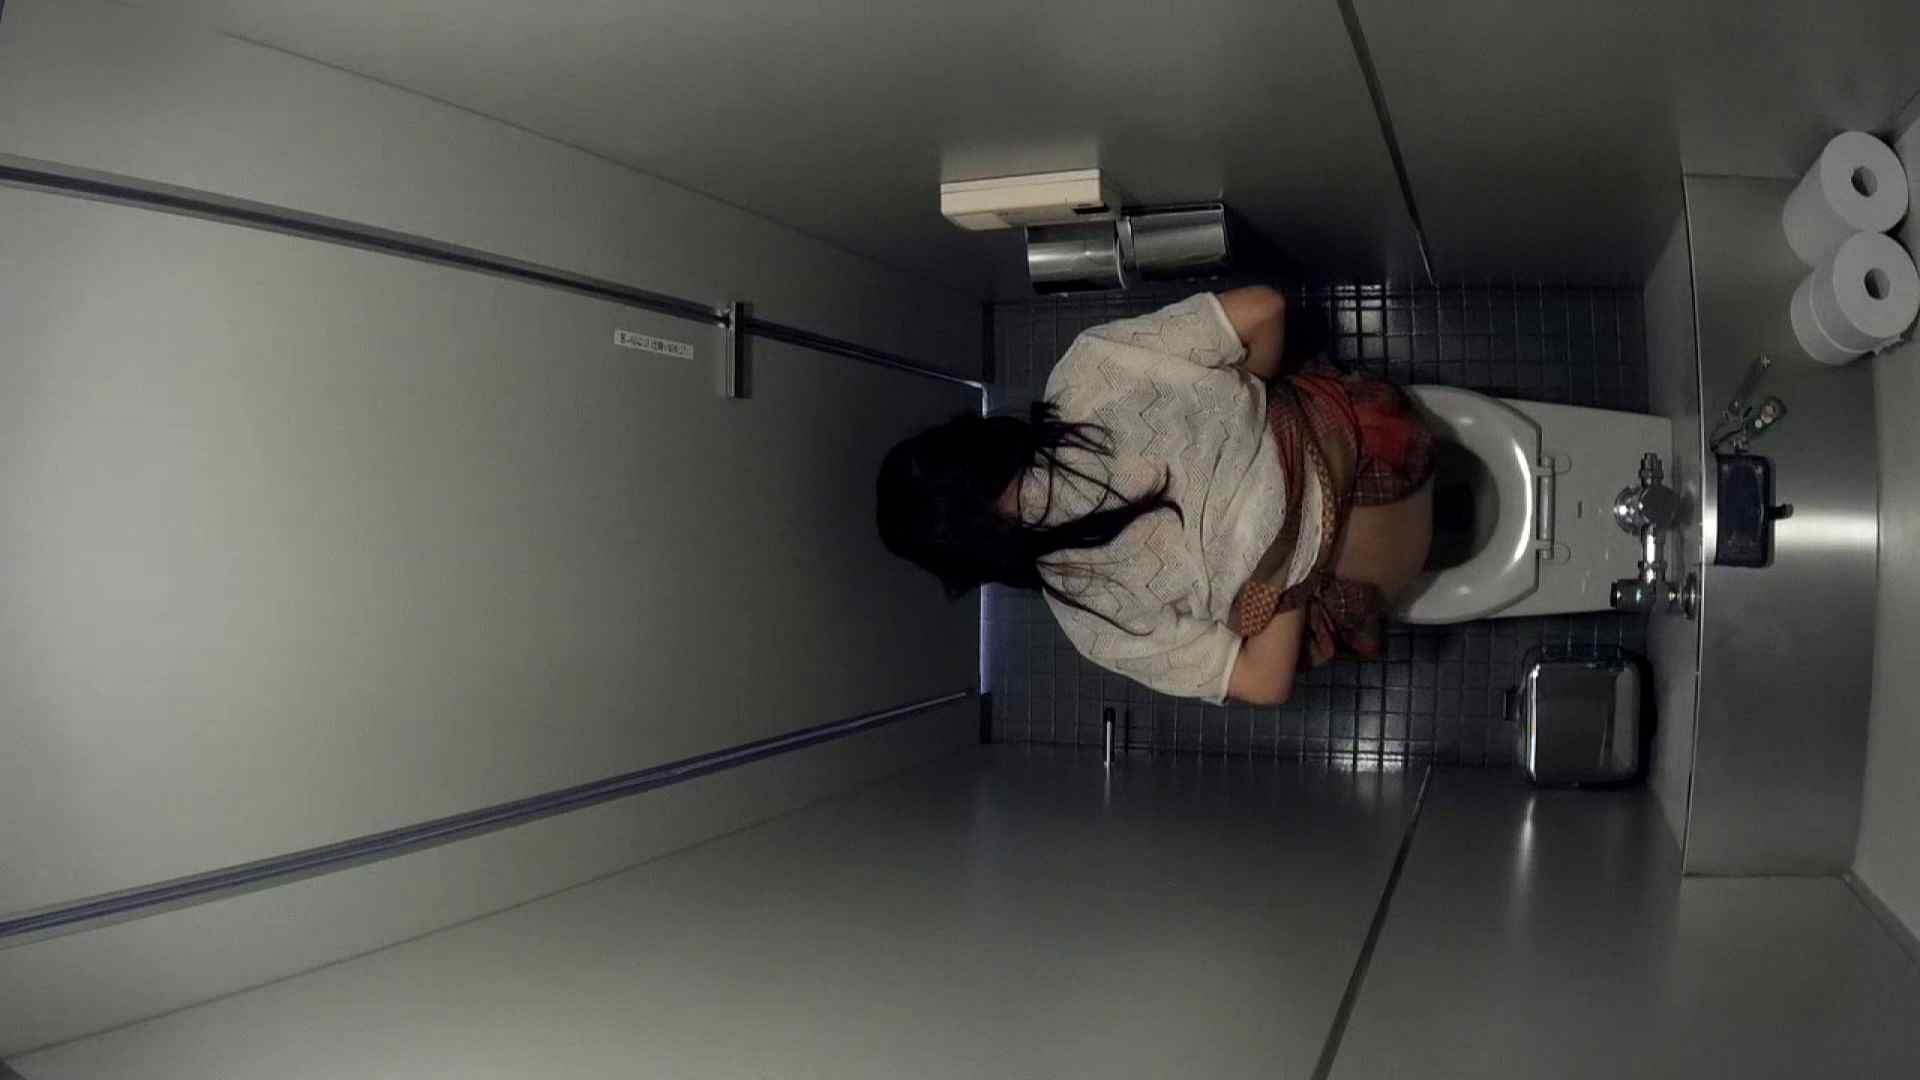 有名大学女性洗面所 vol.45 冴え渡る多方向撮影!職人技です。 和式 盗撮AV動画キャプチャ 95画像 19